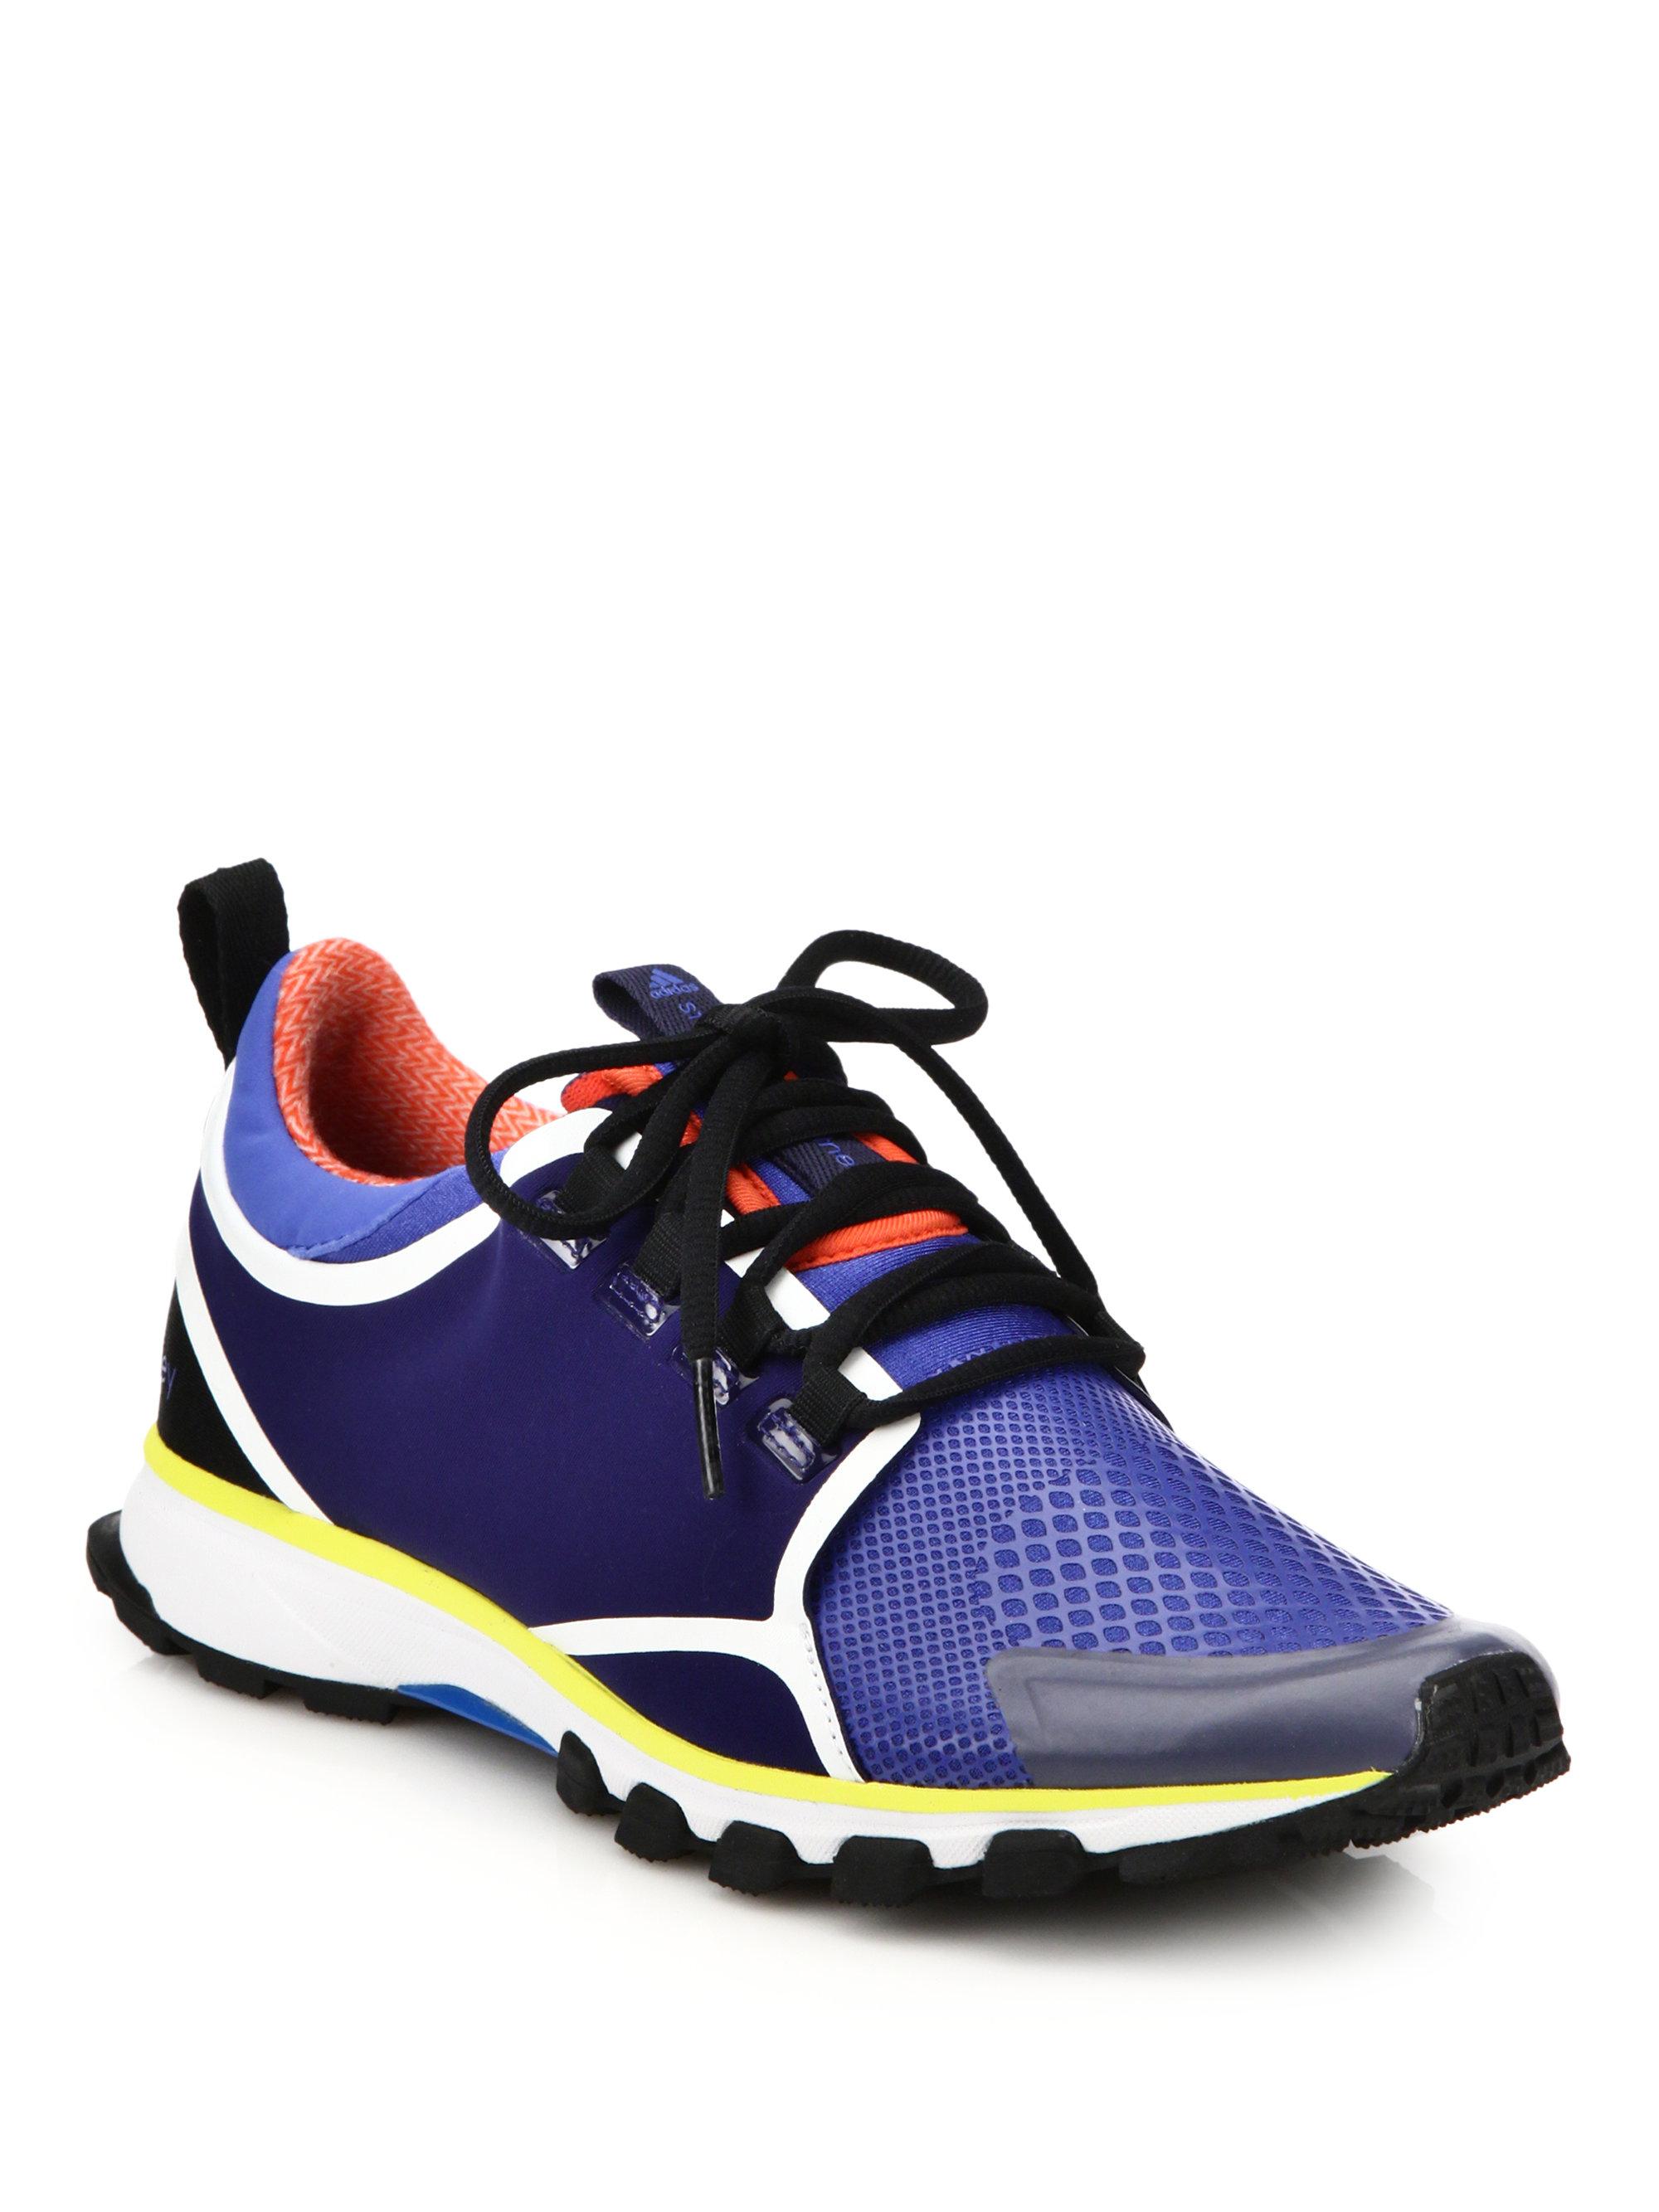 Lyst - adidas By Stella McCartney Adizero Xt Sneakers in Blue 3f484133a